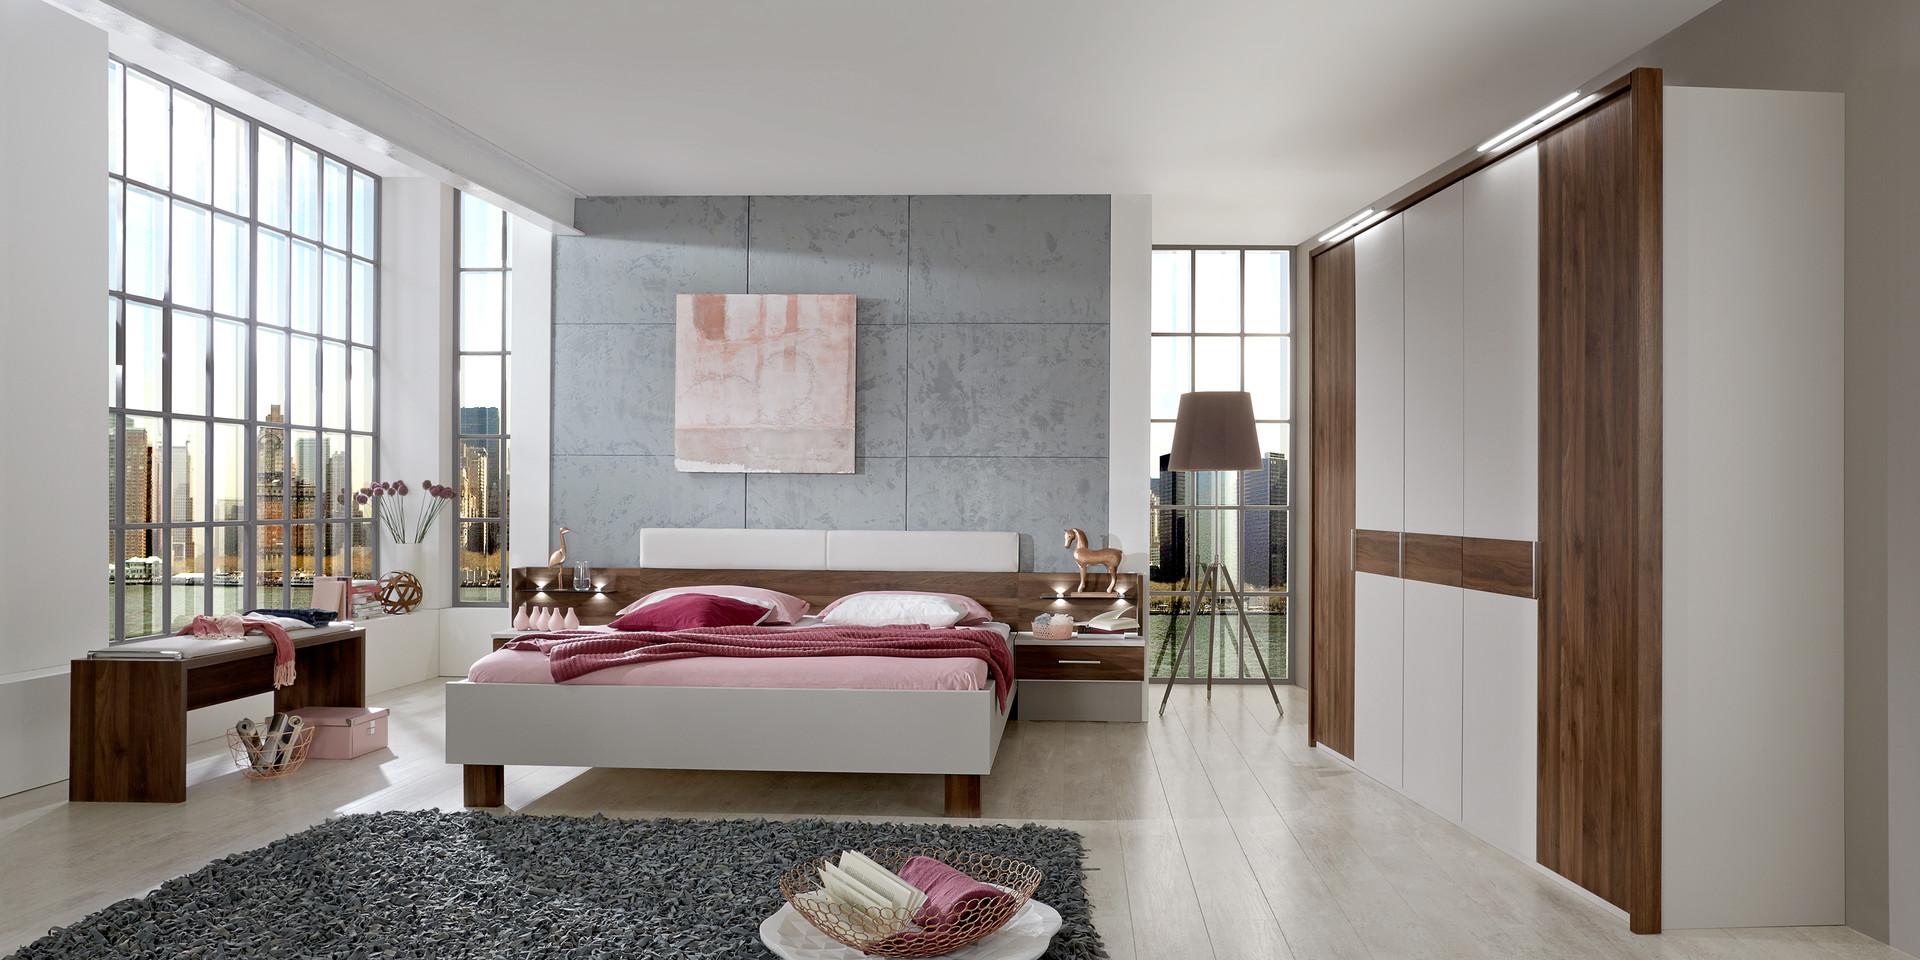 Wiemann Möbel bei uns bekommen sie ein modernes schlafzimmer möbelhersteller wiemann